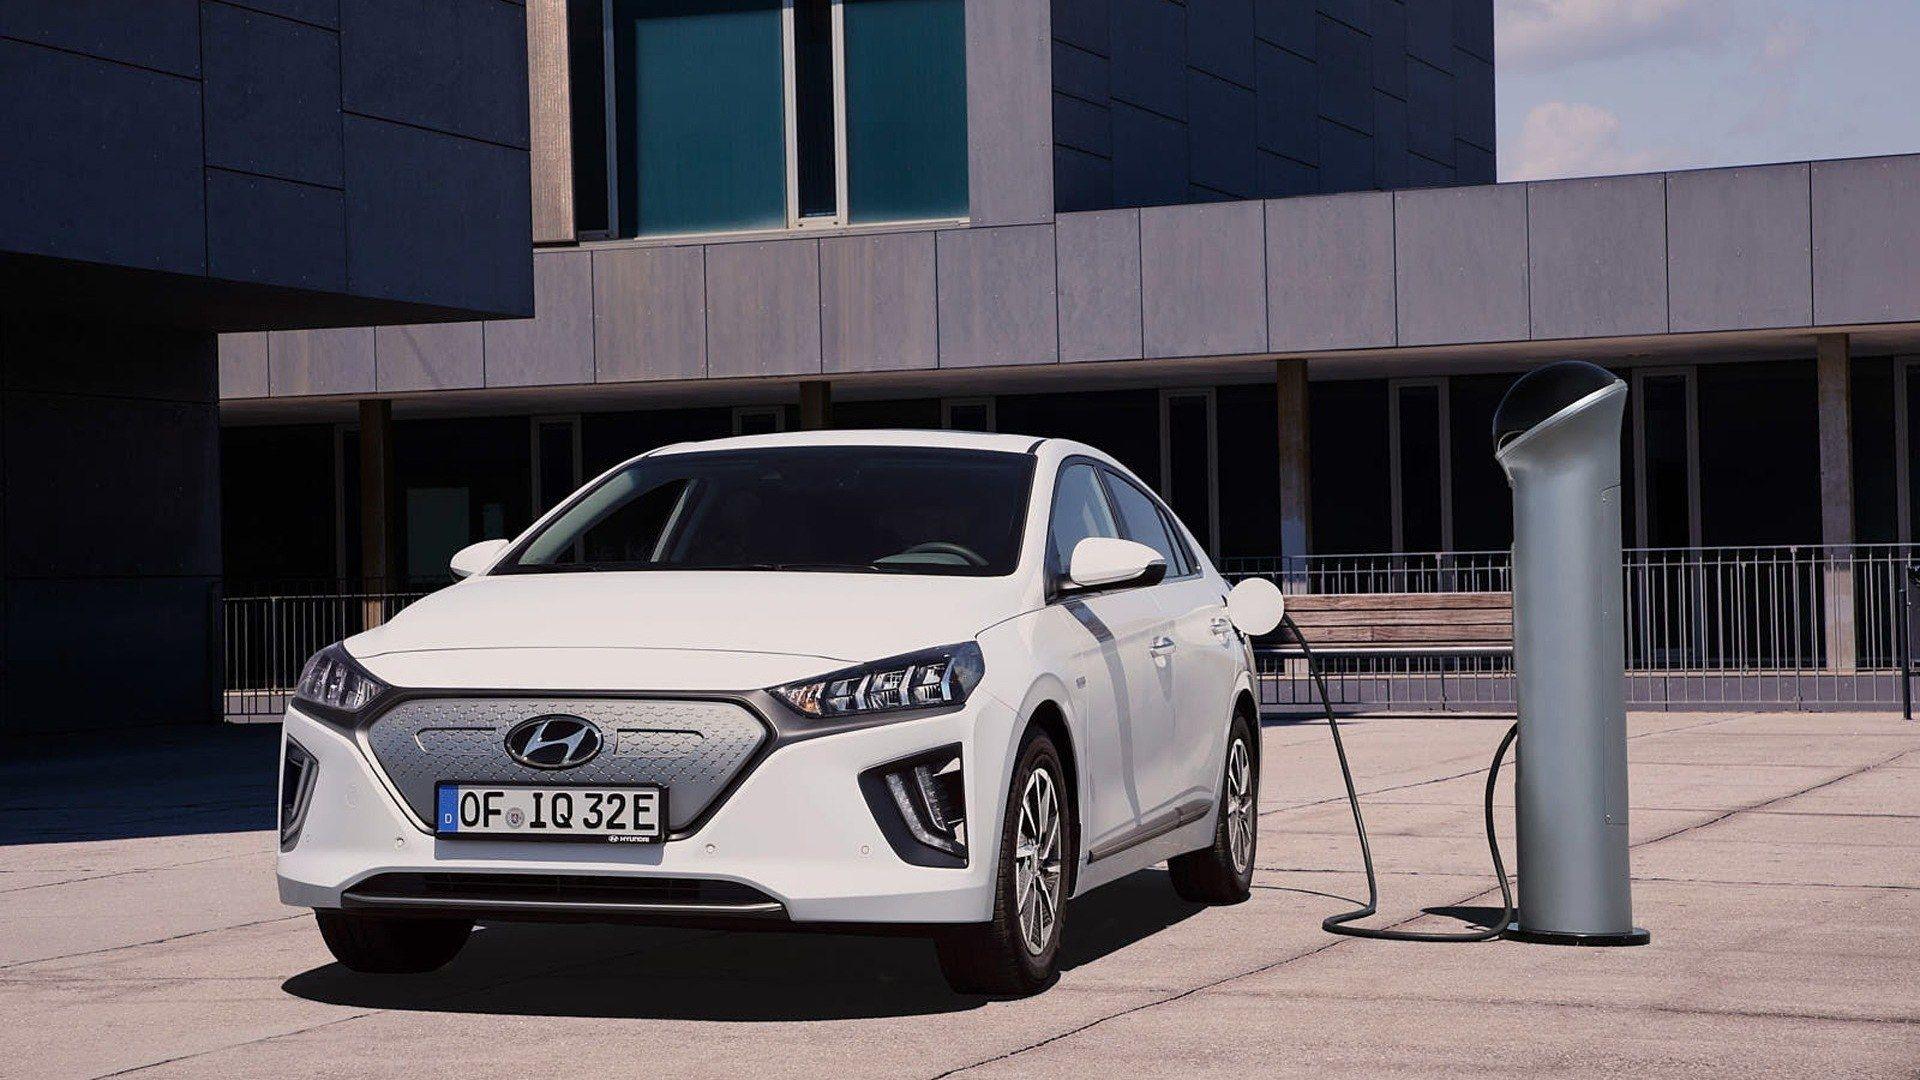 When Will The Hyundai Ioniq 2020 Be Released Hybrid Car Hyundai Electric Car Hyundai